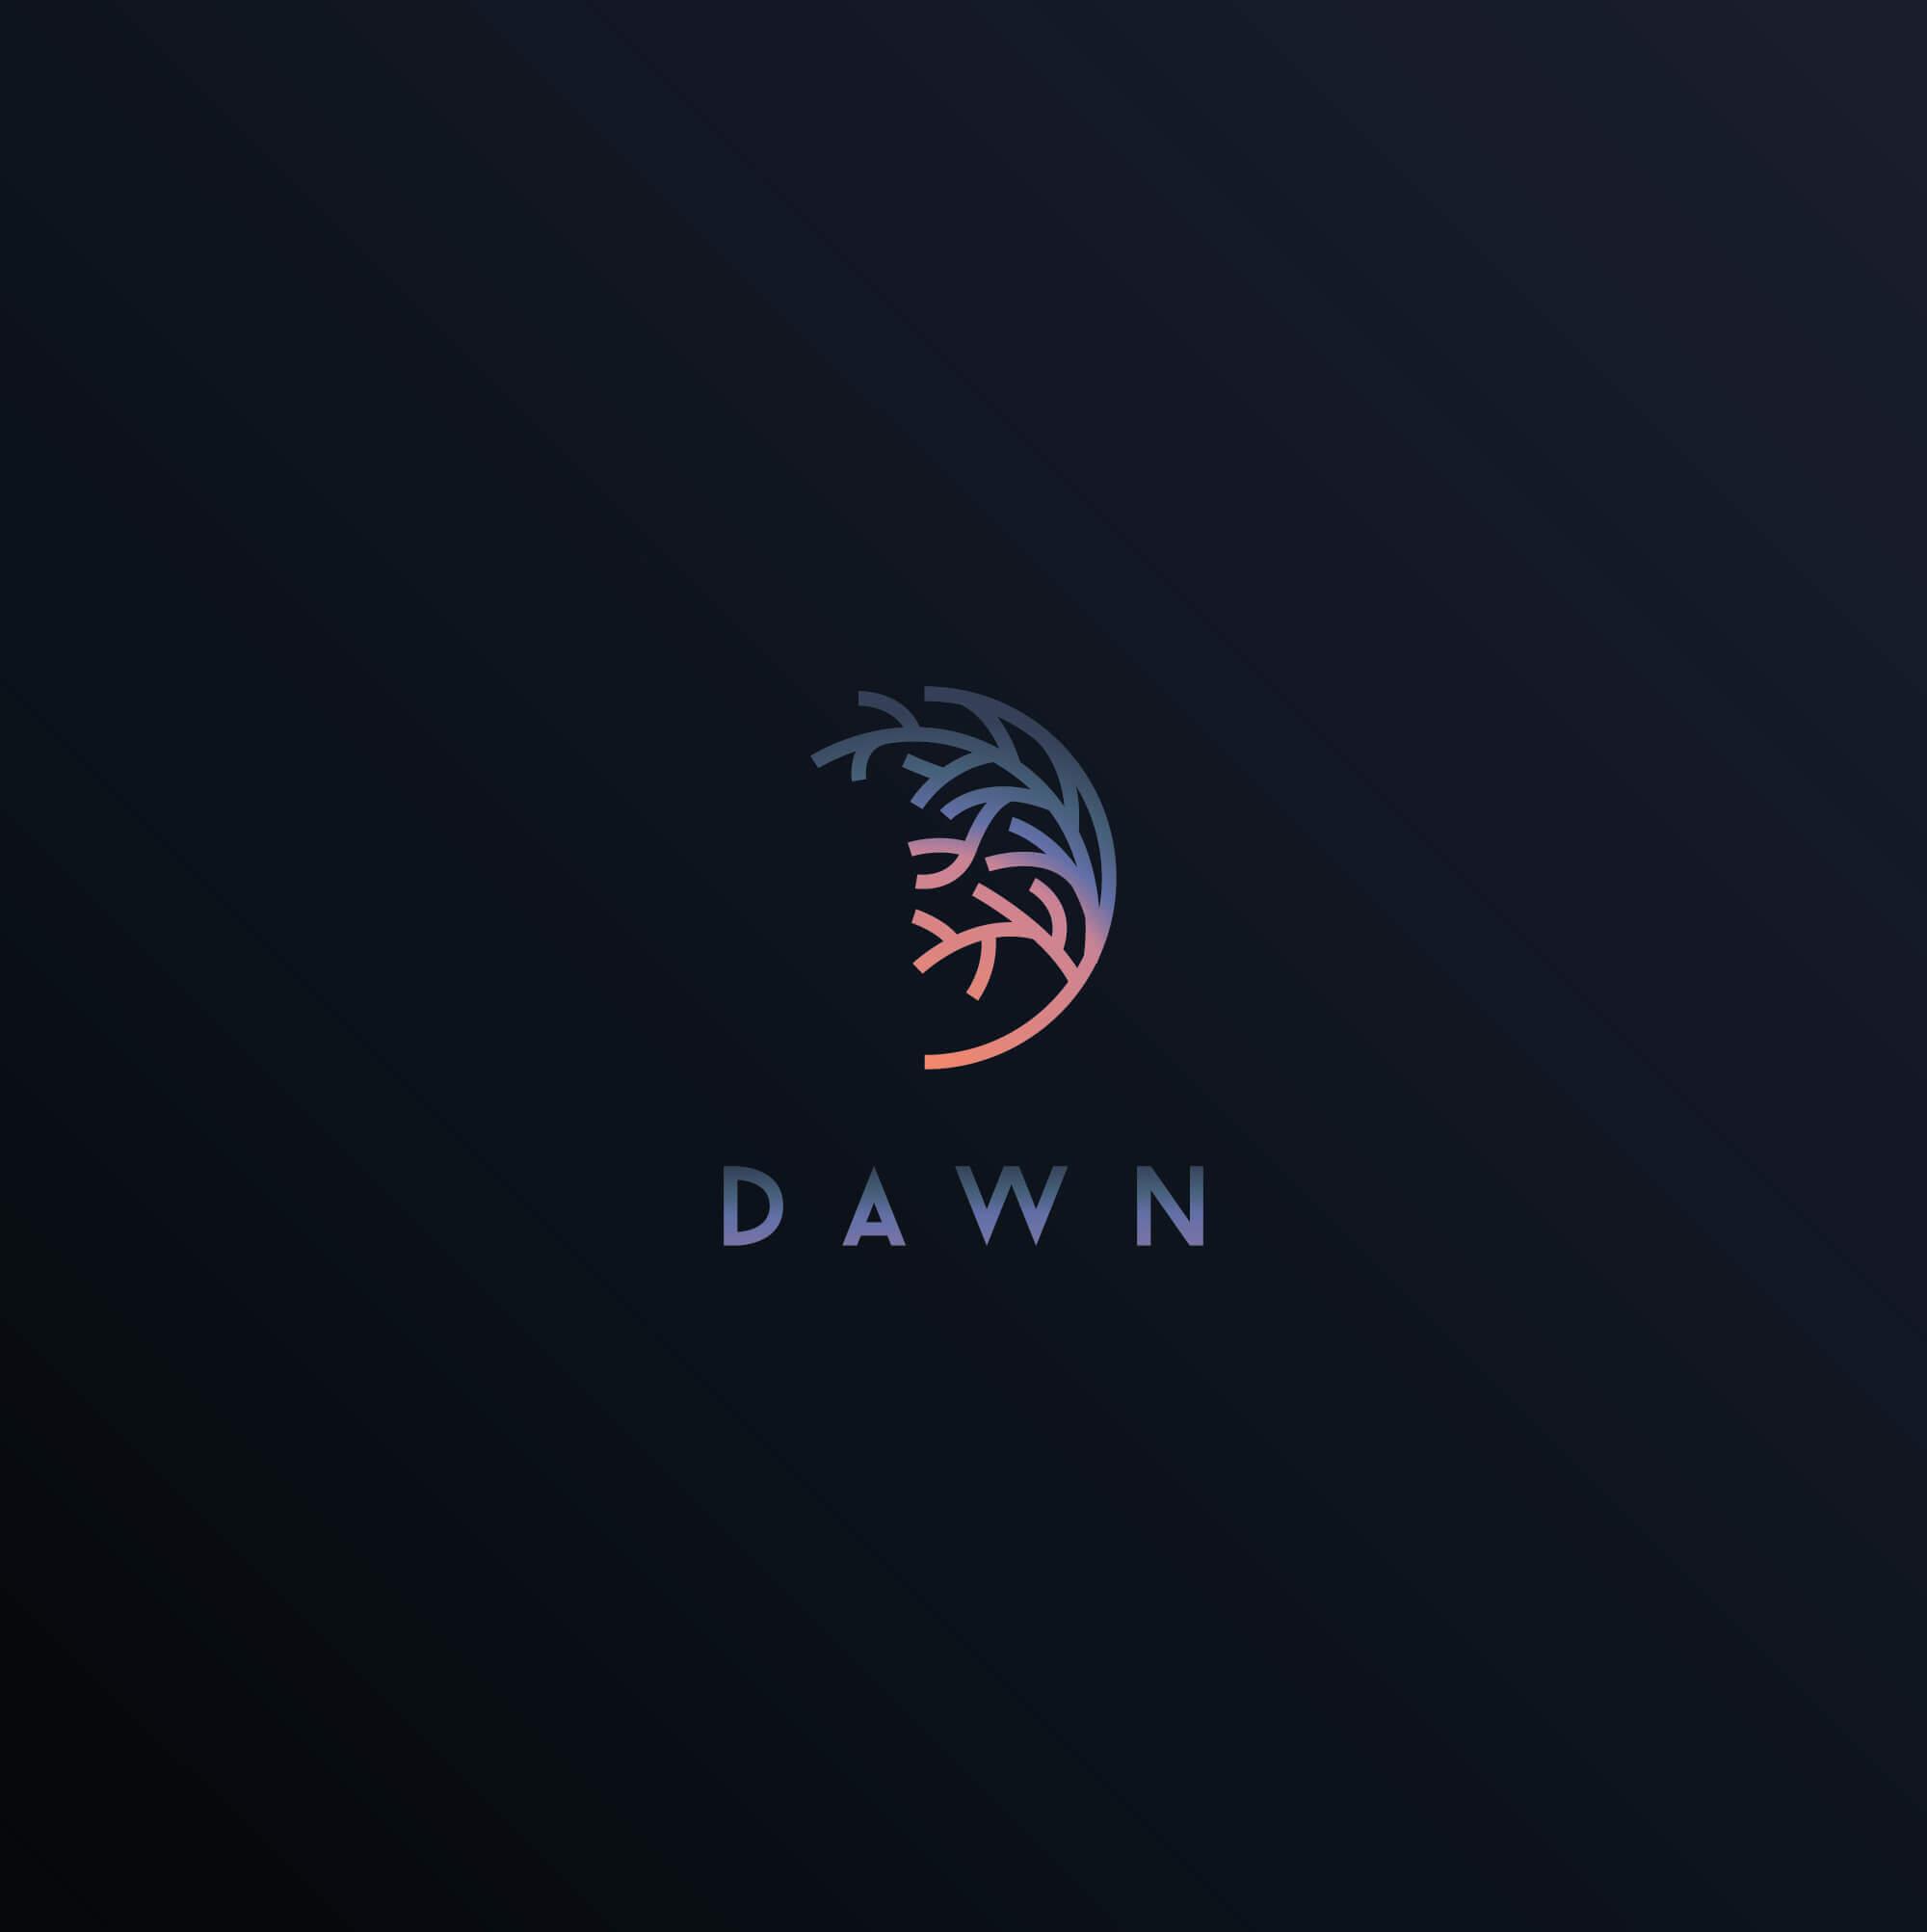 dawn-logo-caffe-dark